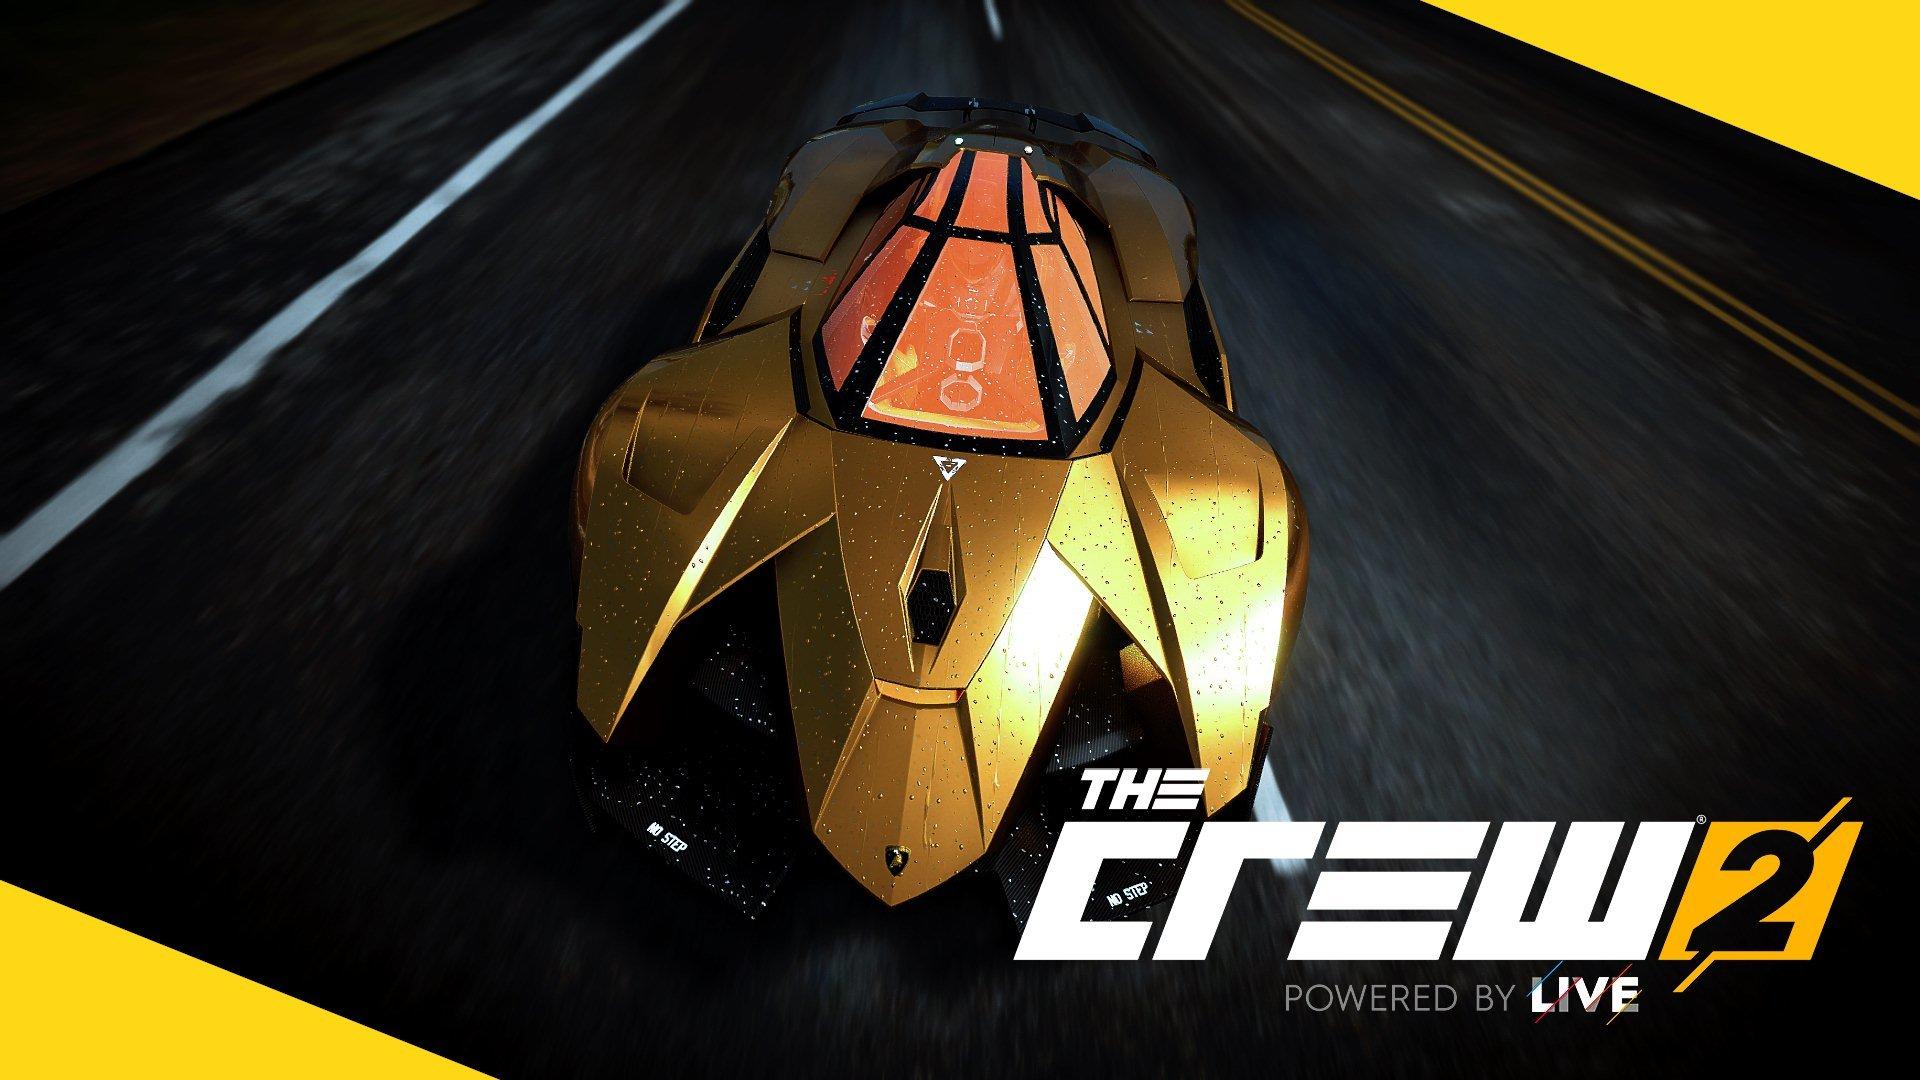 ゲーム「THE CREW2 もはやこれは『車』ではない」_b0362459_10283887.jpeg